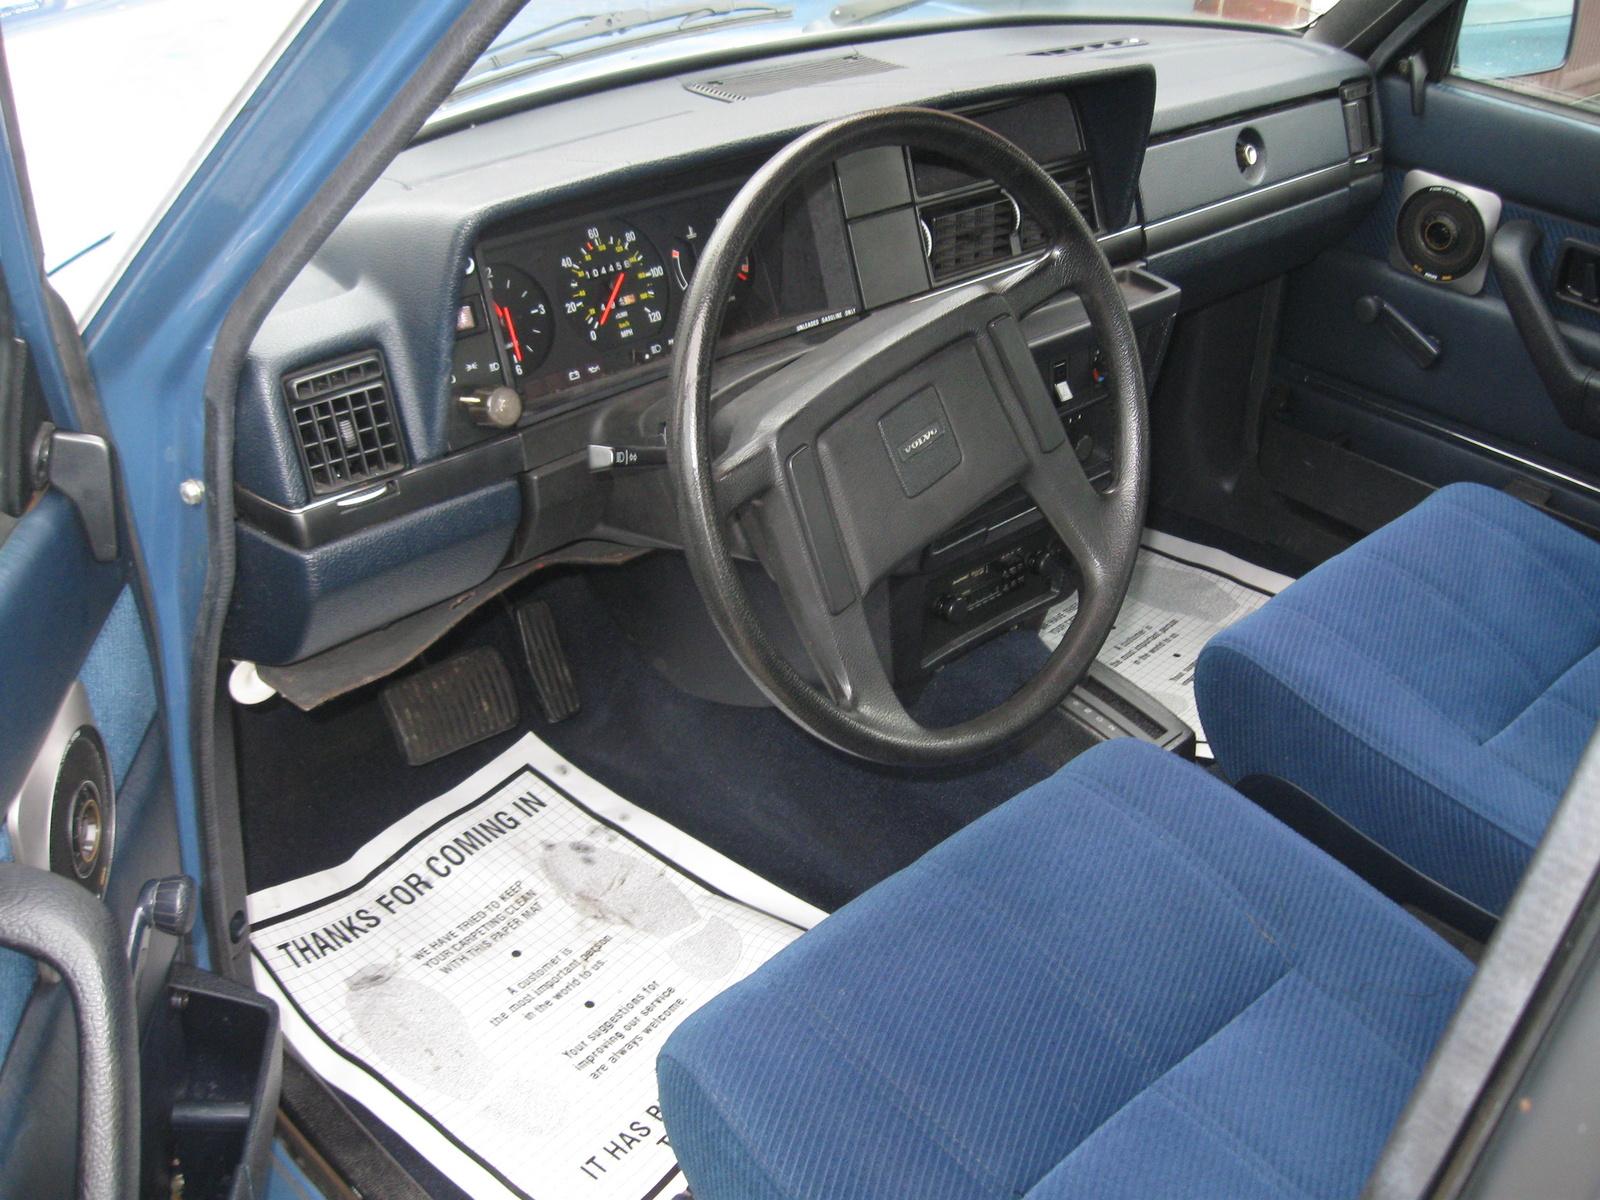 1985 Volvo 240 - Pictures - CarGurus